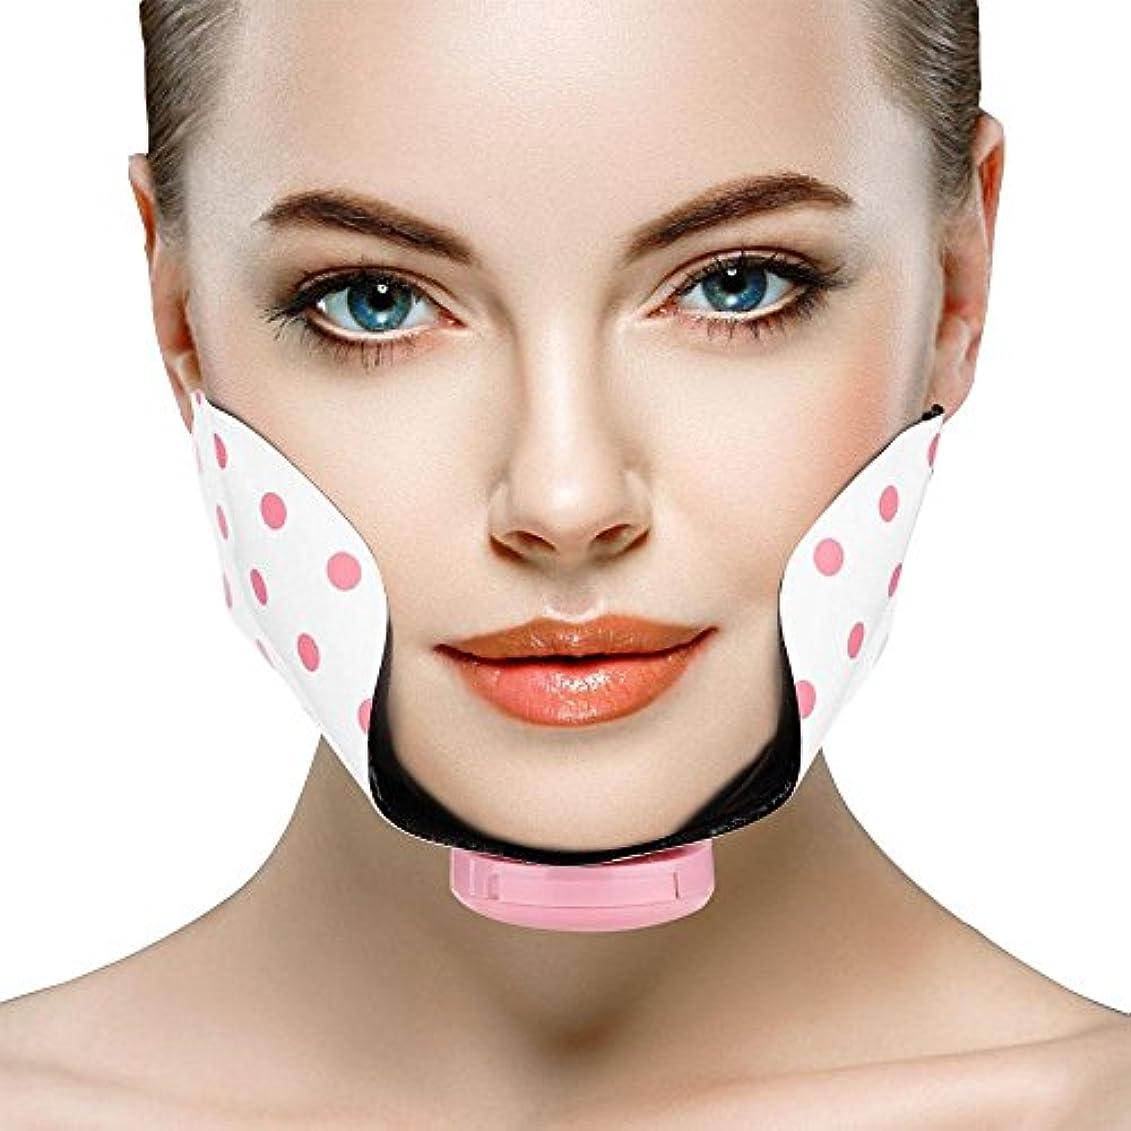 スカリーピービッシュスカリー頬スリミングベルト、シリコーン電気調節可能なミニフェイシャル痩身リフティングファーミングパッドポイントマッサージパッチ